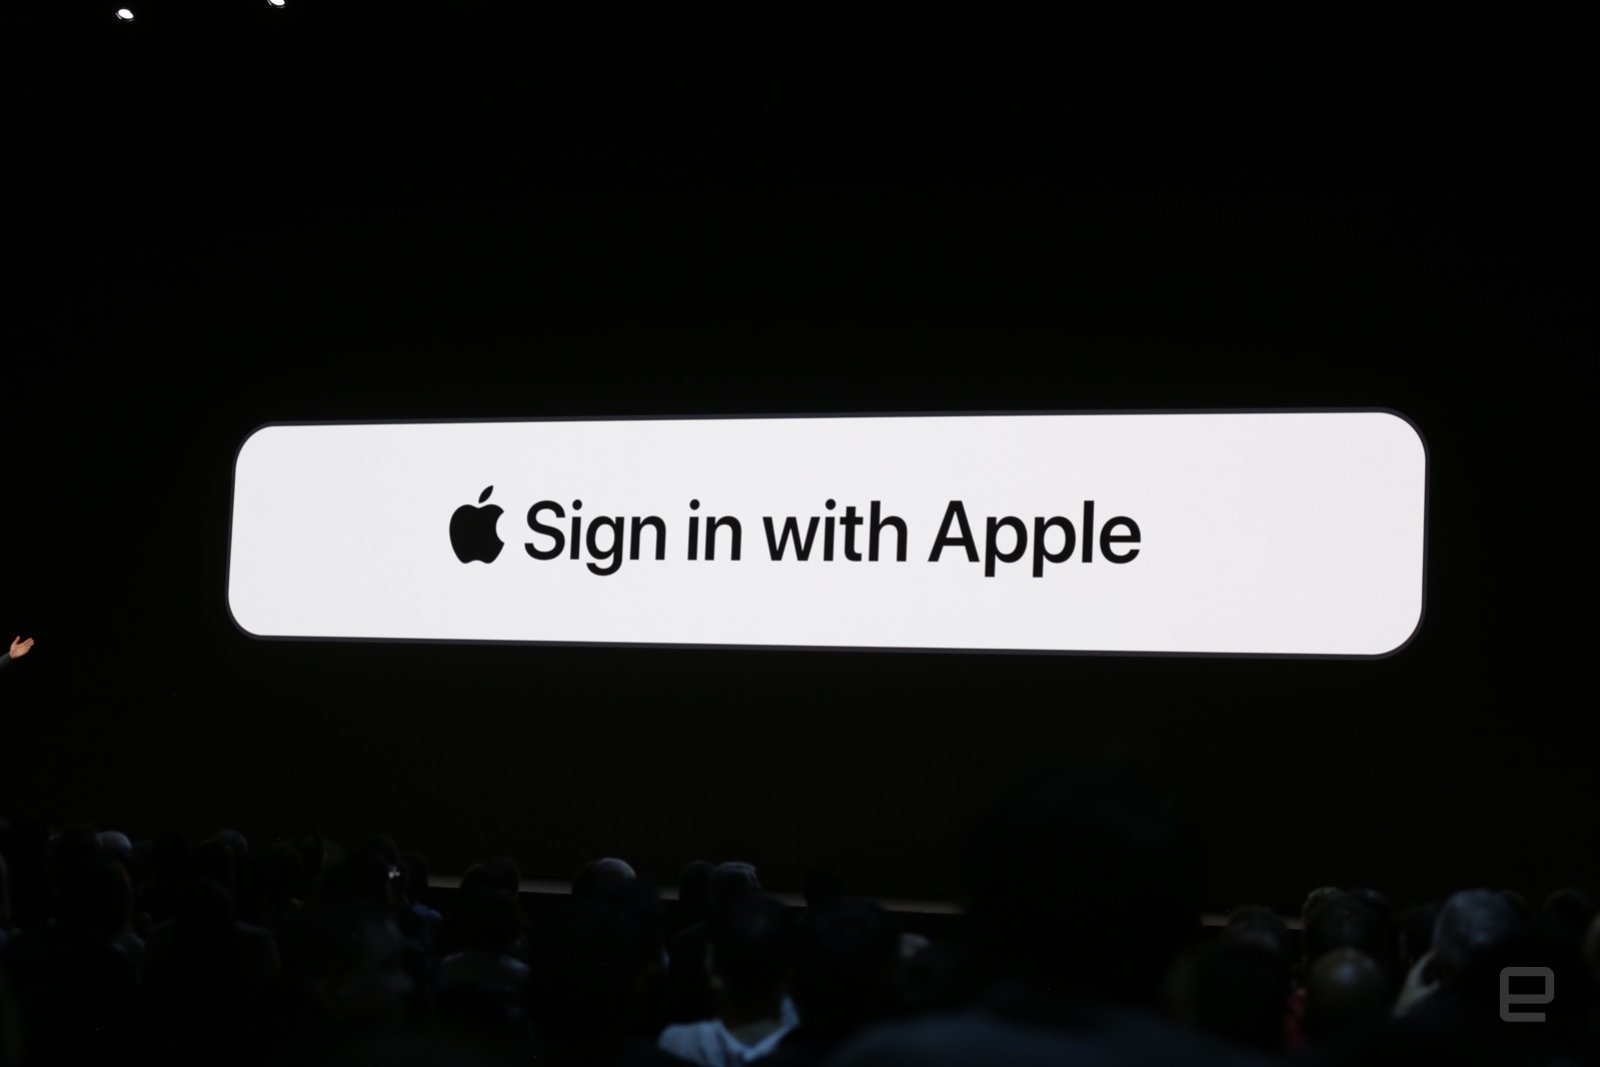 """Nhà phát triển cáo buộc Apple sao chép tính năng email ẩn danh dùng cho công cụ """"Sign in with Apple"""""""